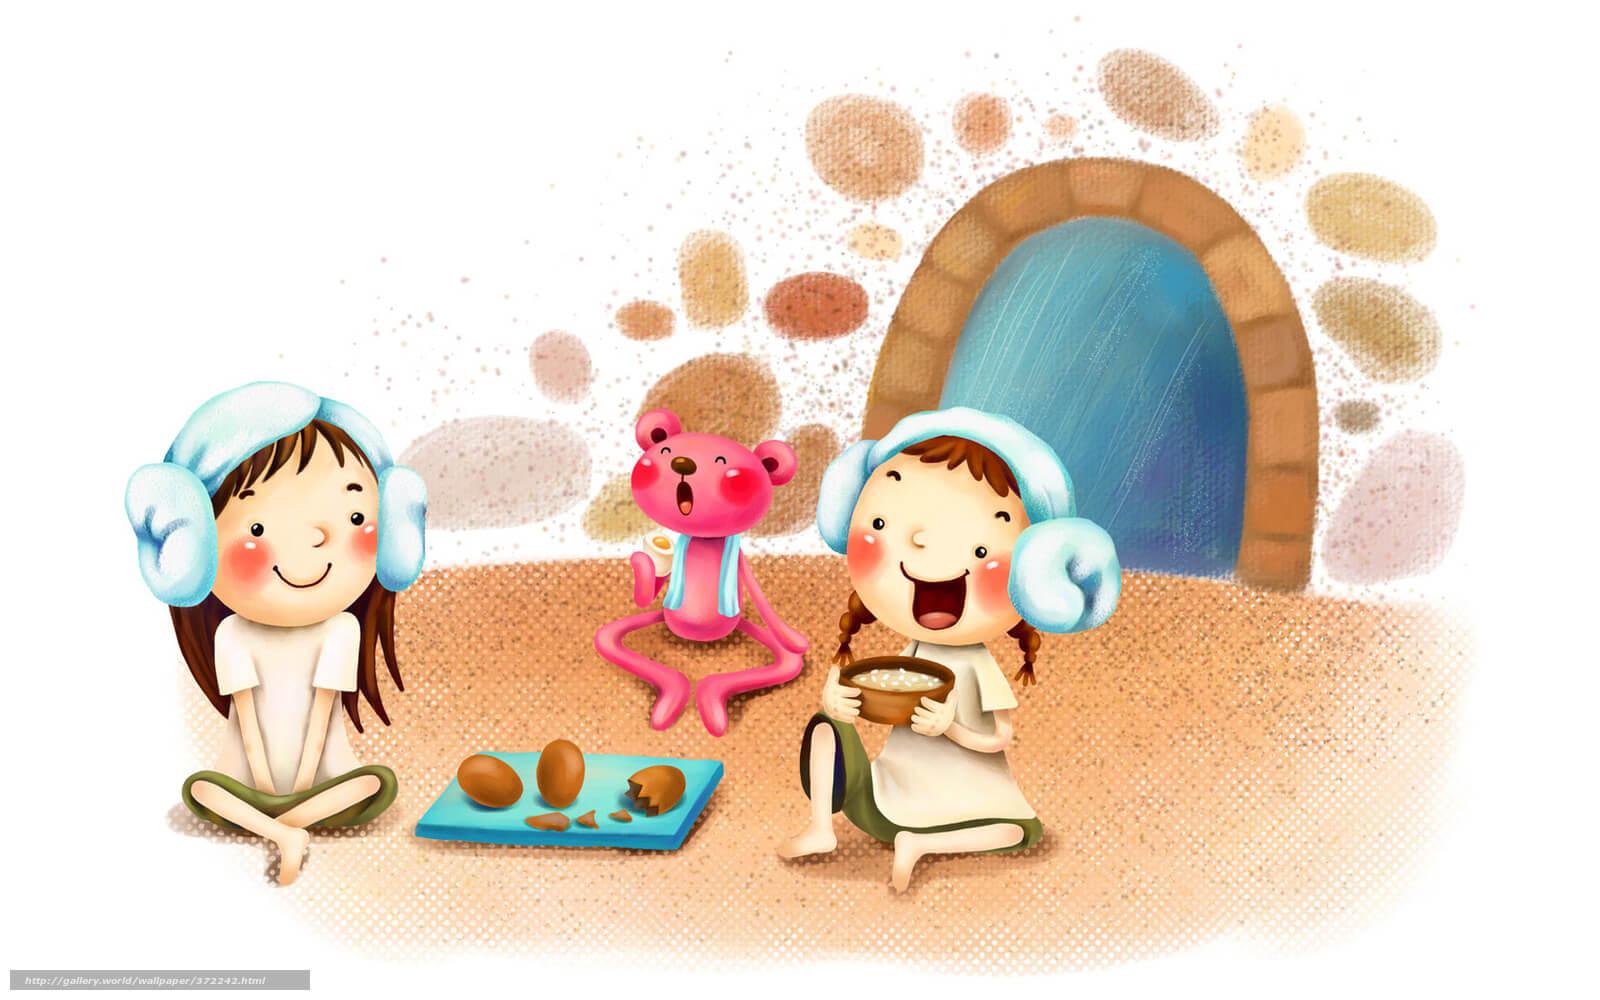 Картинки про детей в детском саду - рисунки, арты 6